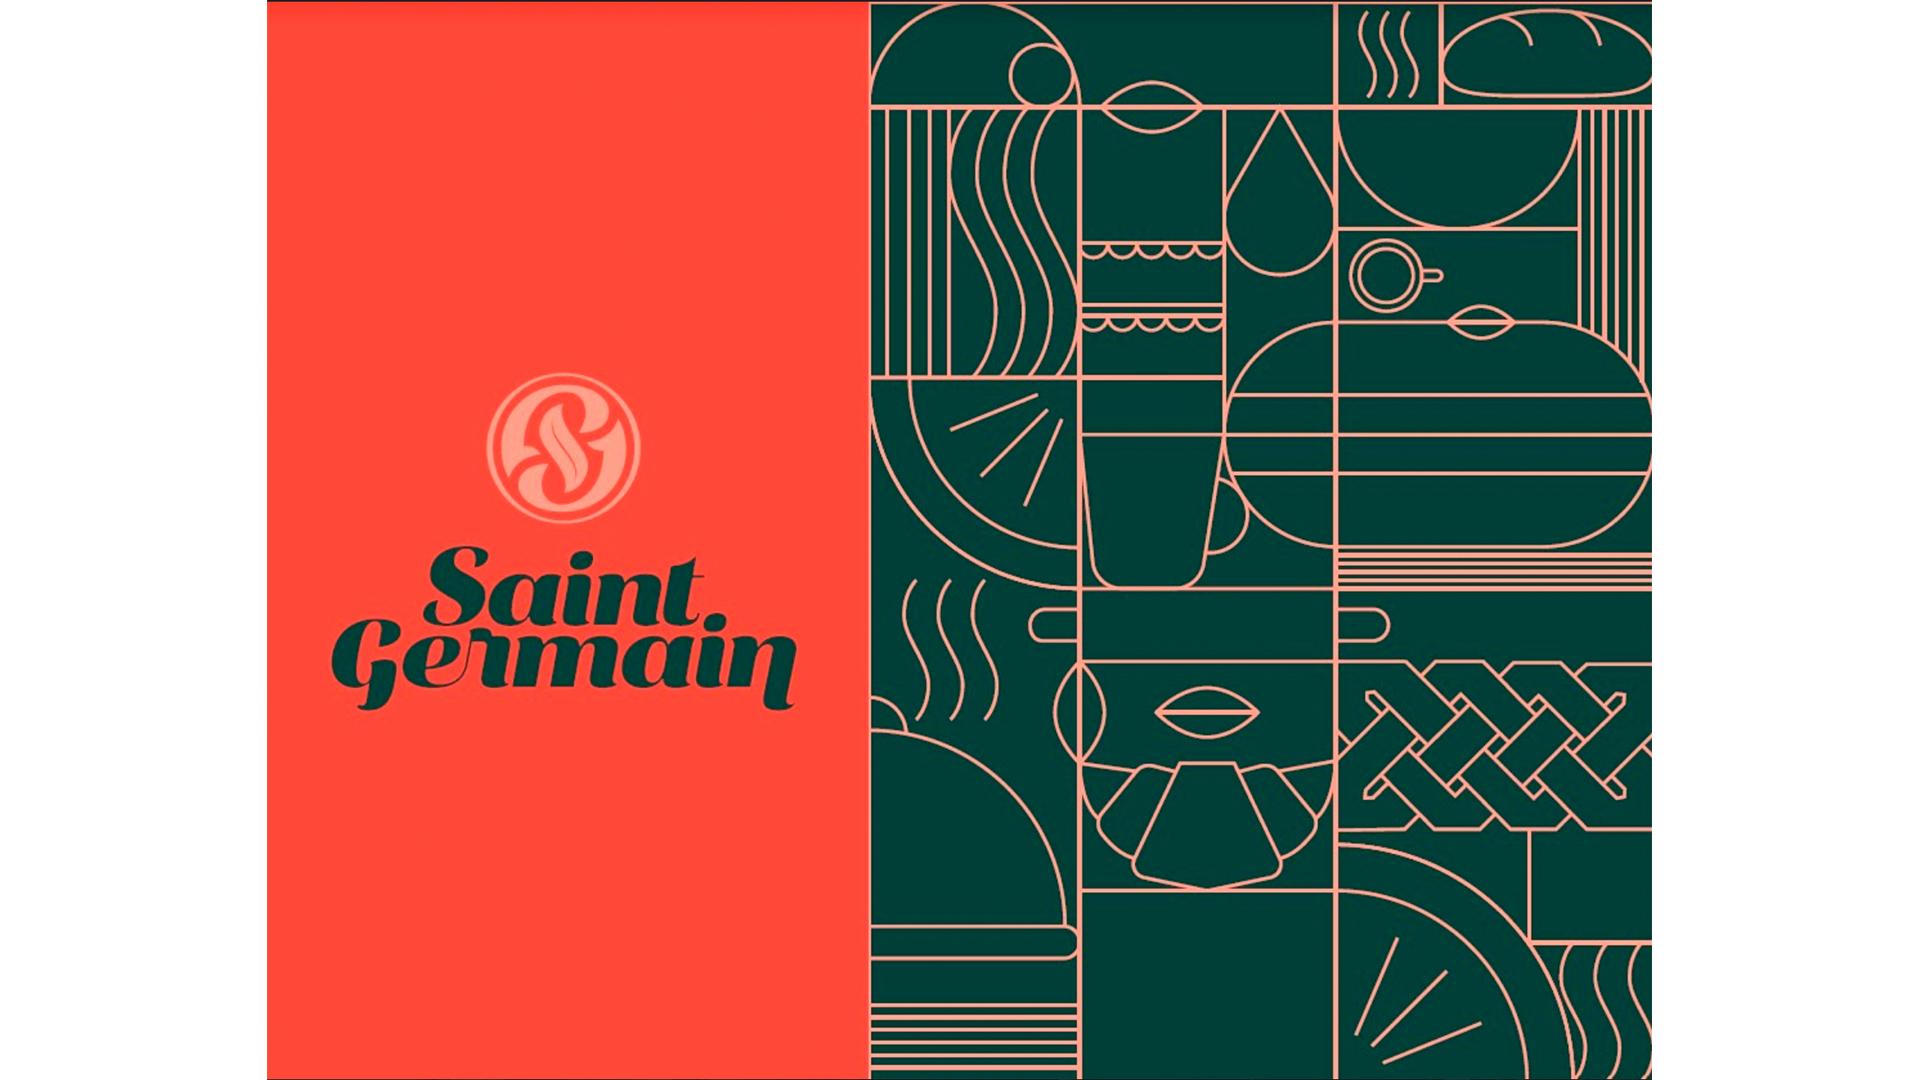 Saint Germain renova identidade de marca com nova logo e ícones.